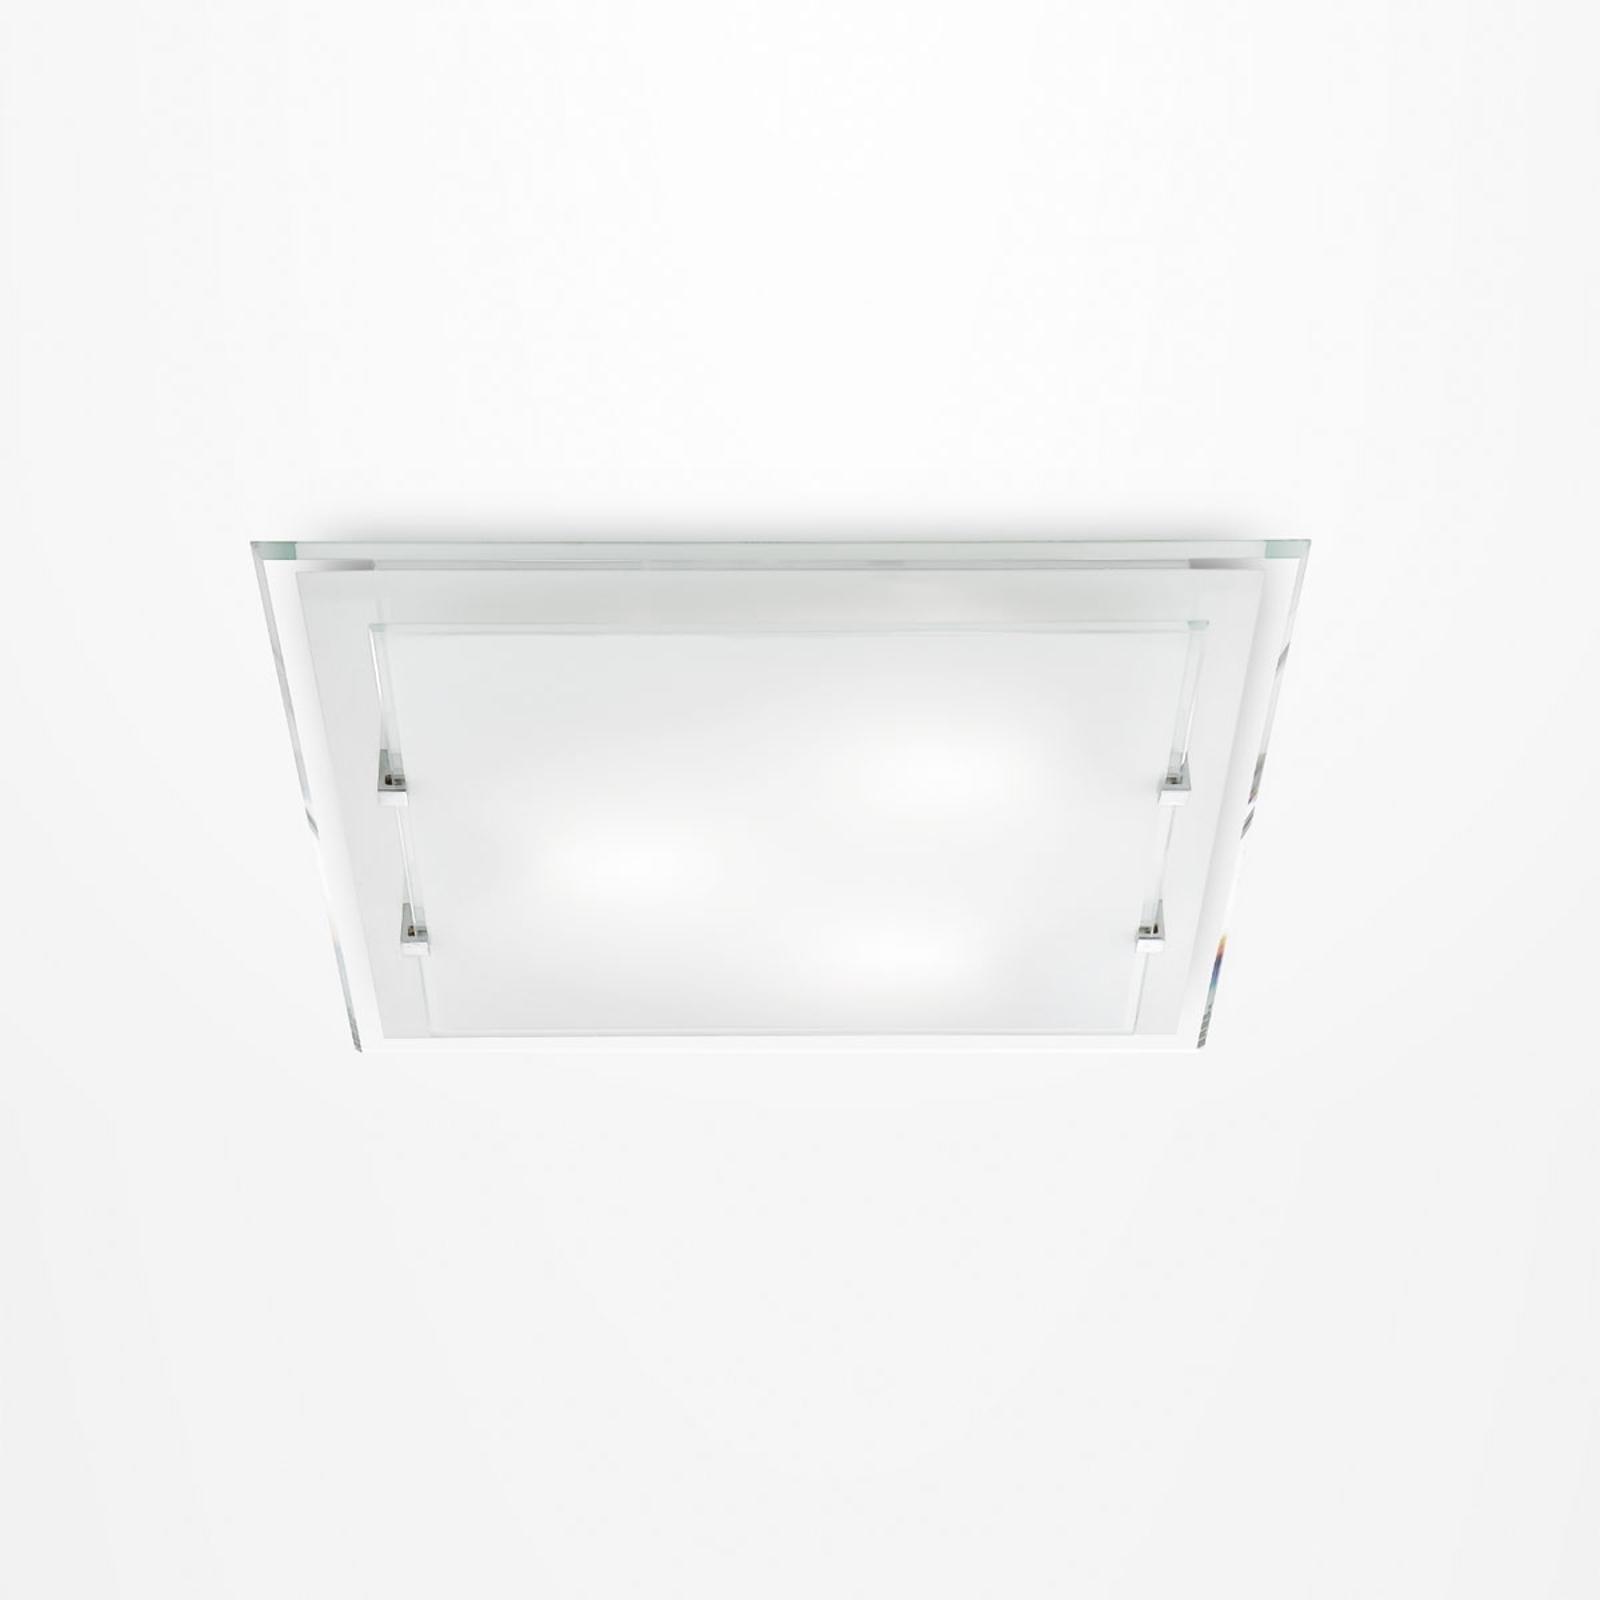 Plafonnier rectangulaire Victoria 30 x 30 cm